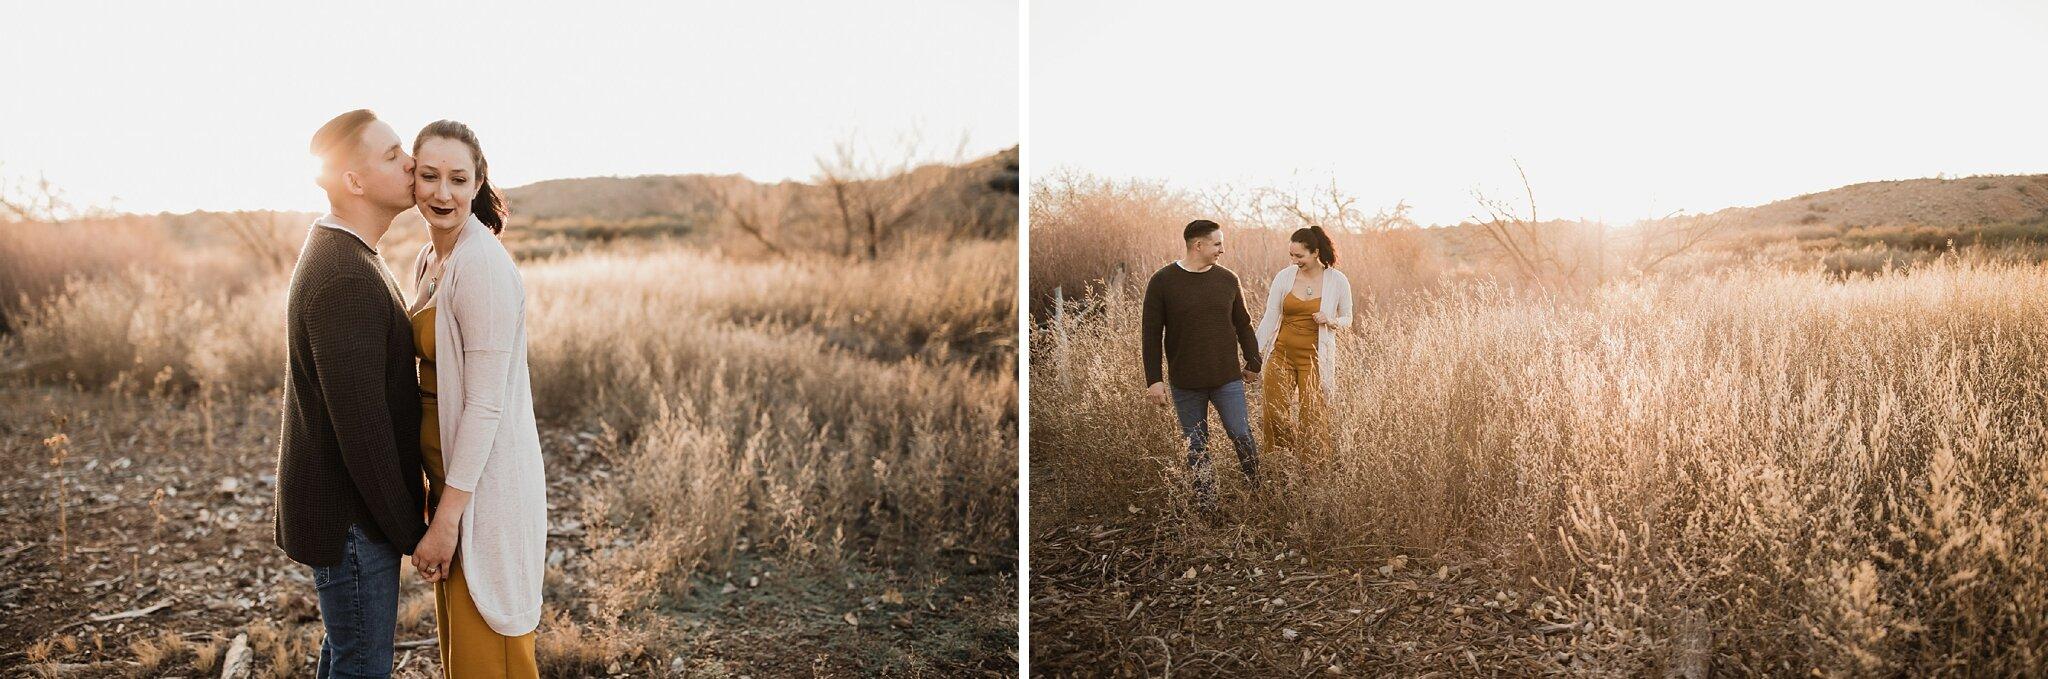 Alicia+lucia+photography+-+albuquerque+wedding+photographer+-+santa+fe+wedding+photography+-+new+mexico+wedding+photographer+-+new+mexico+wedding+-+engagement+-+desert+engagement+-+new+mexico+engagement+-+new+mexico+desert+engagement_0040.jpg